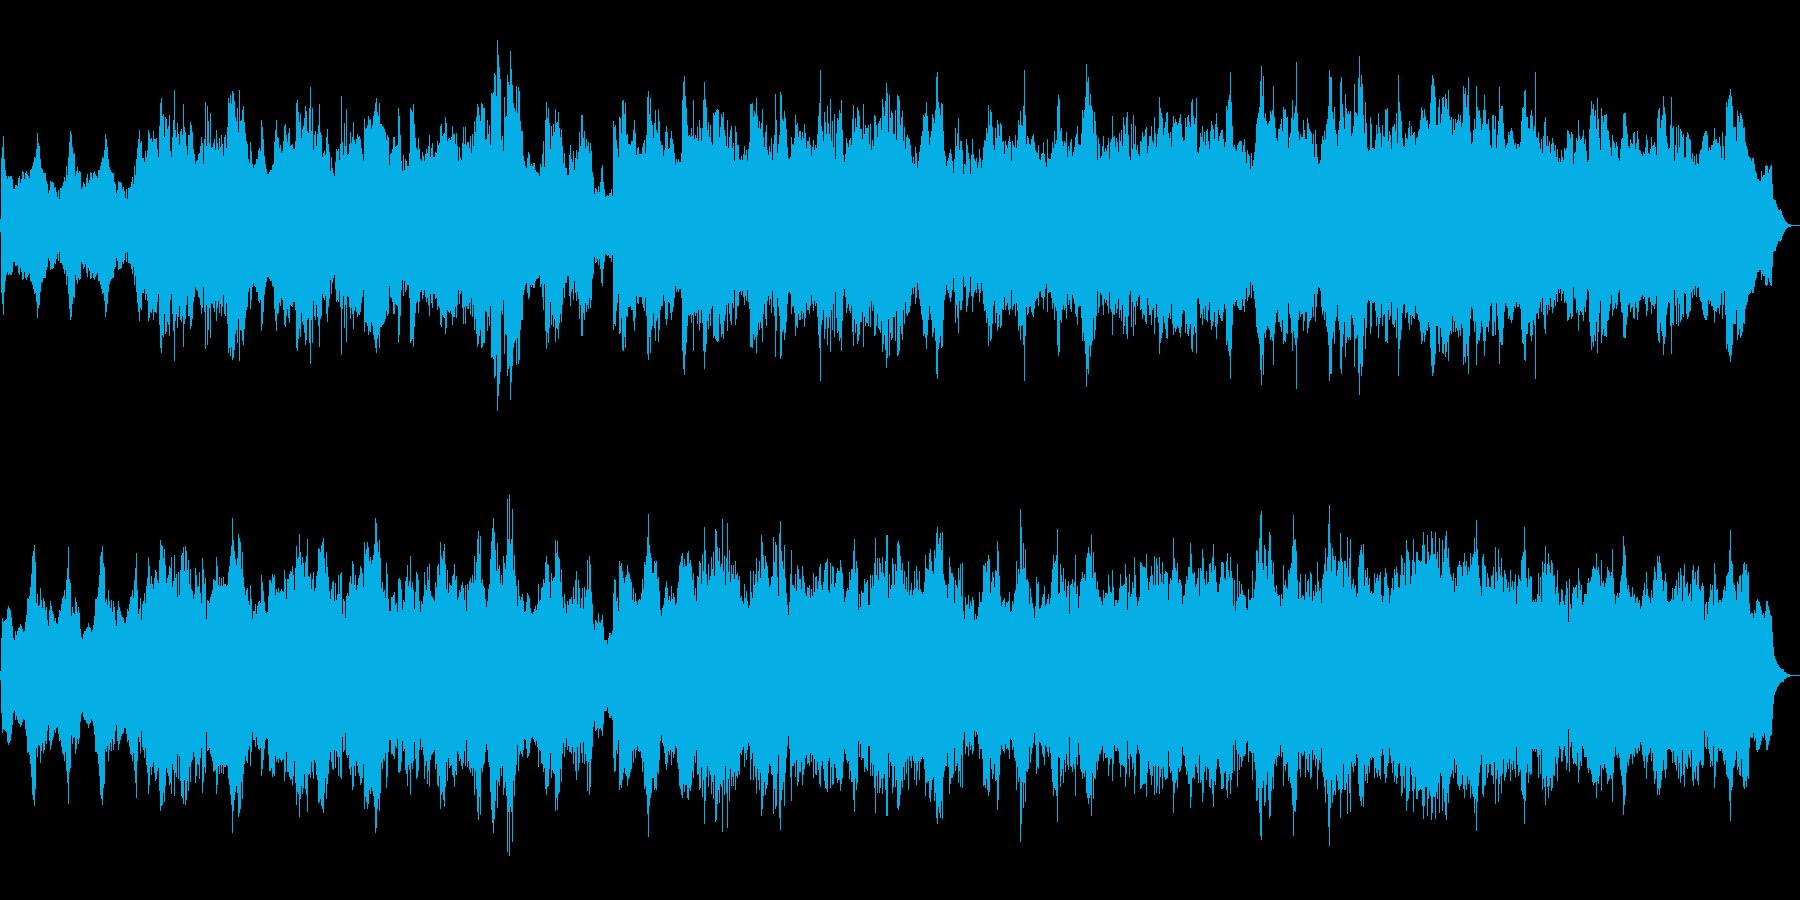 ハロウィン系BGM 魔法の森 を描いた曲の再生済みの波形